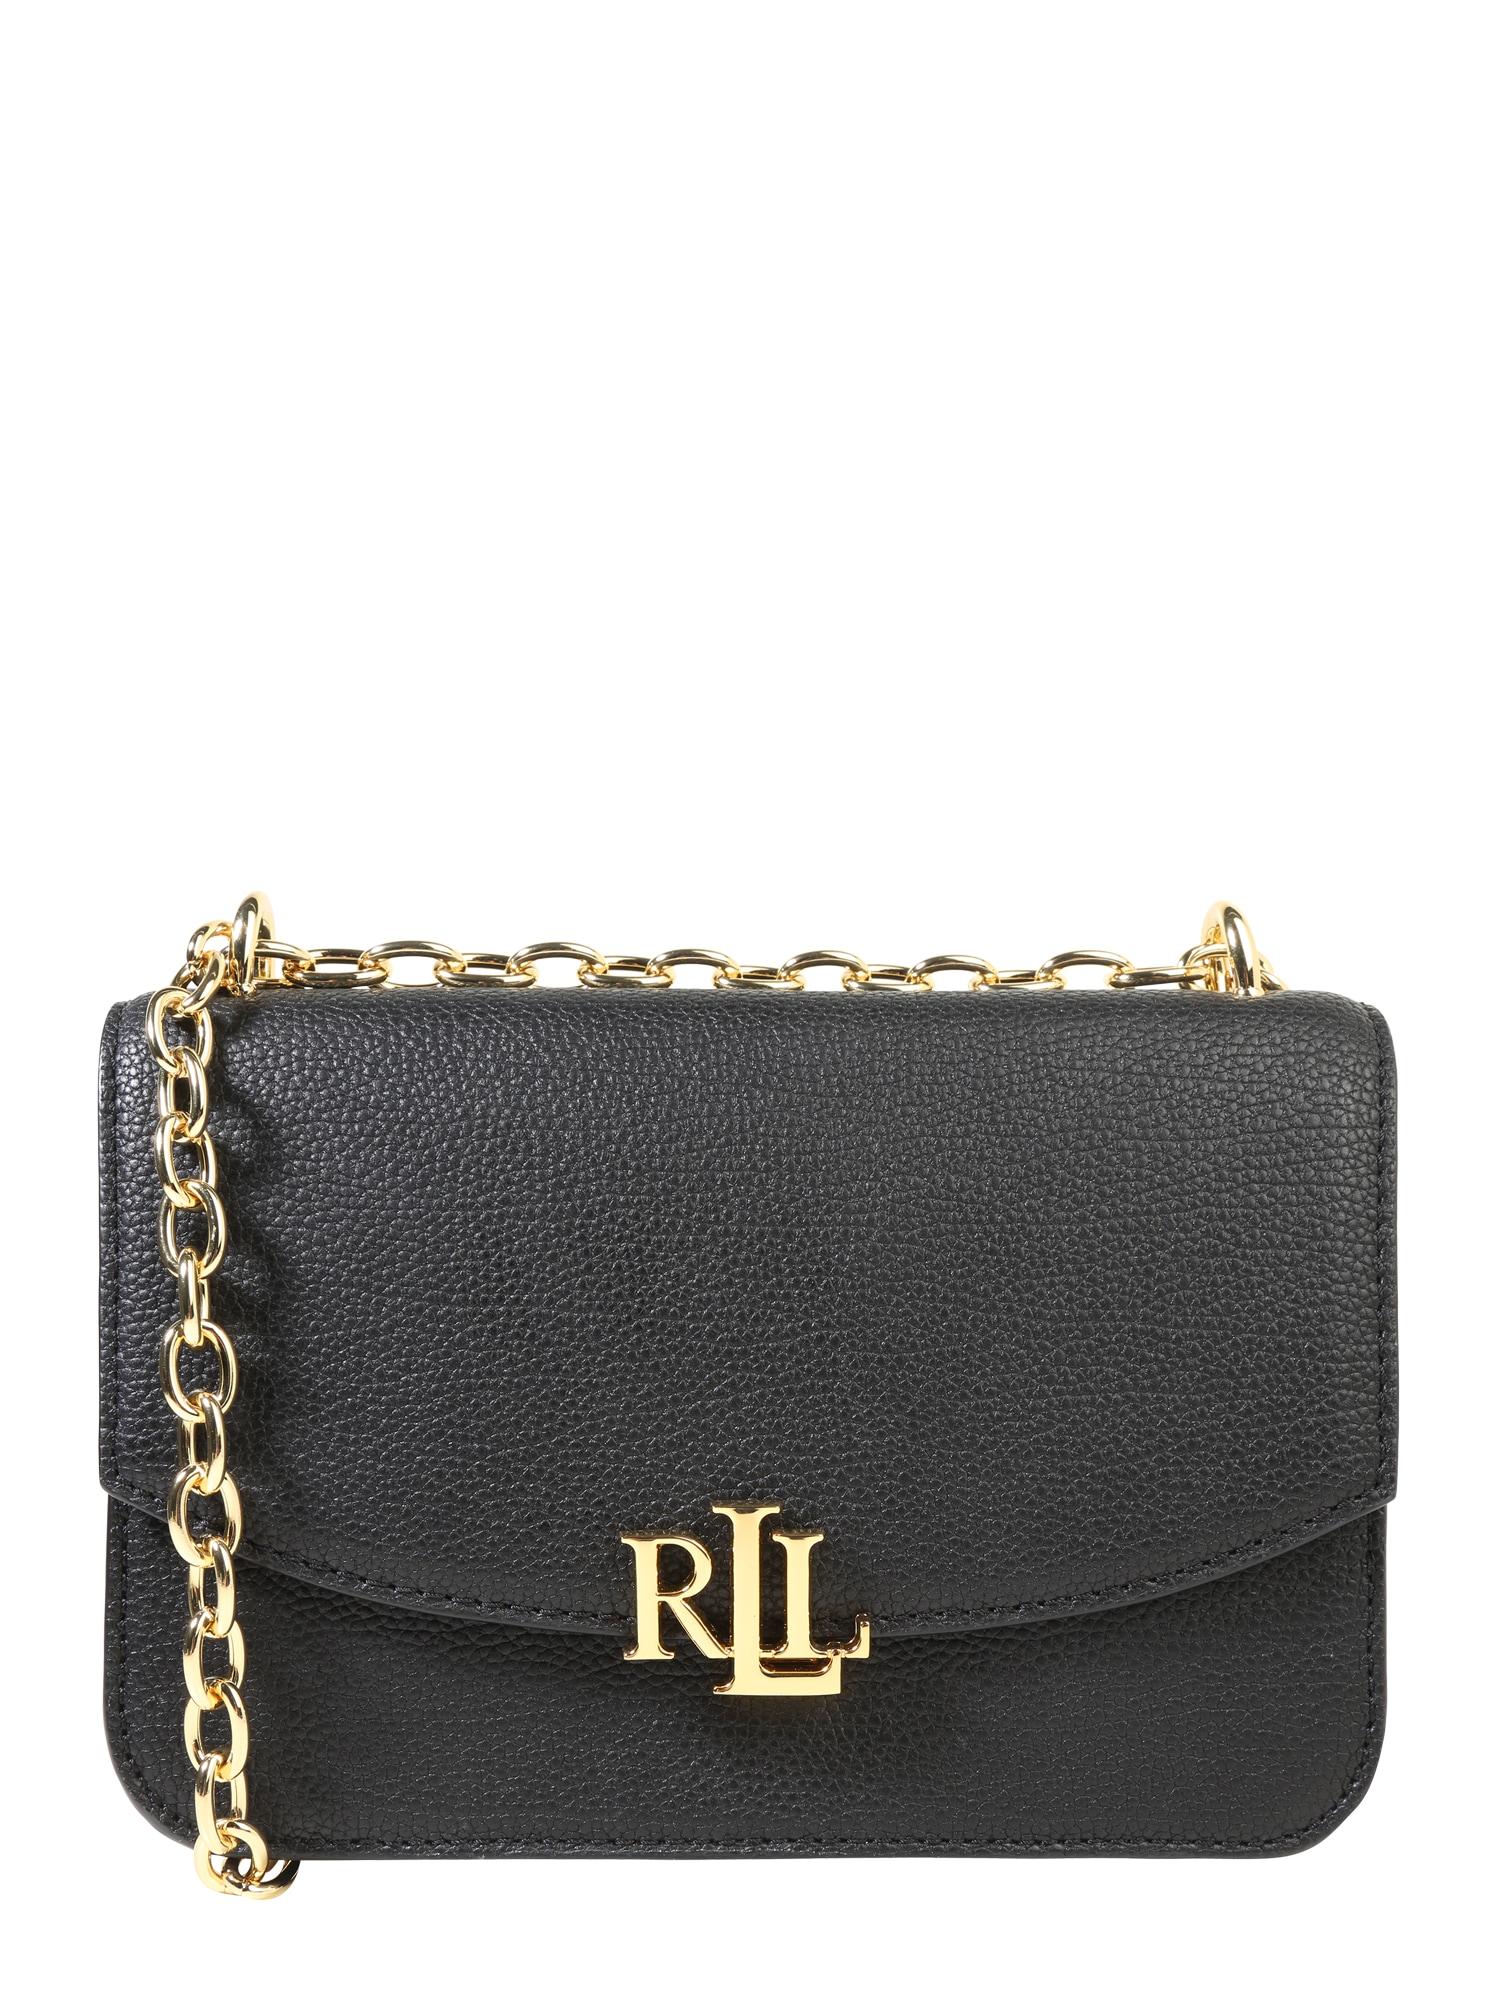 Taška přes rameno MADISON 22 černá Lauren Ralph Lauren